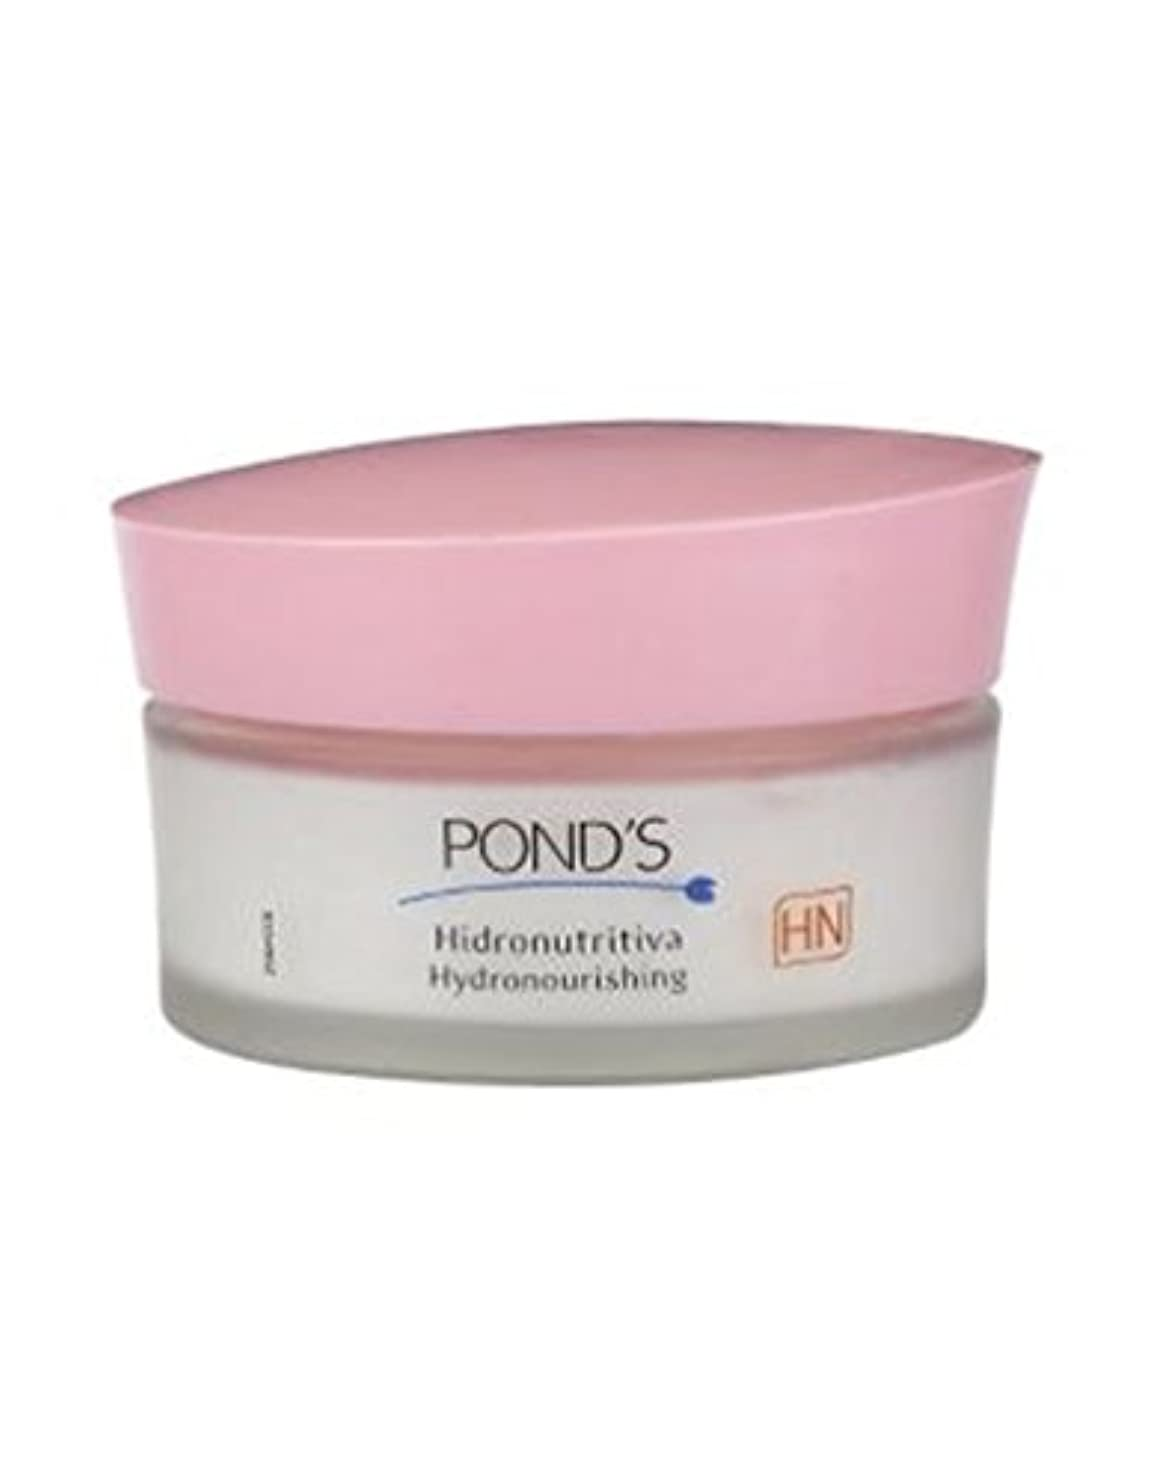 ユーモア戻す使い込むアンチリンクルクリーム50ミリリットル栄養池 (Ponds) (x2) - Ponds Nourishing Anti-wrinkle Cream 50ml (Pack of 2) [並行輸入品]